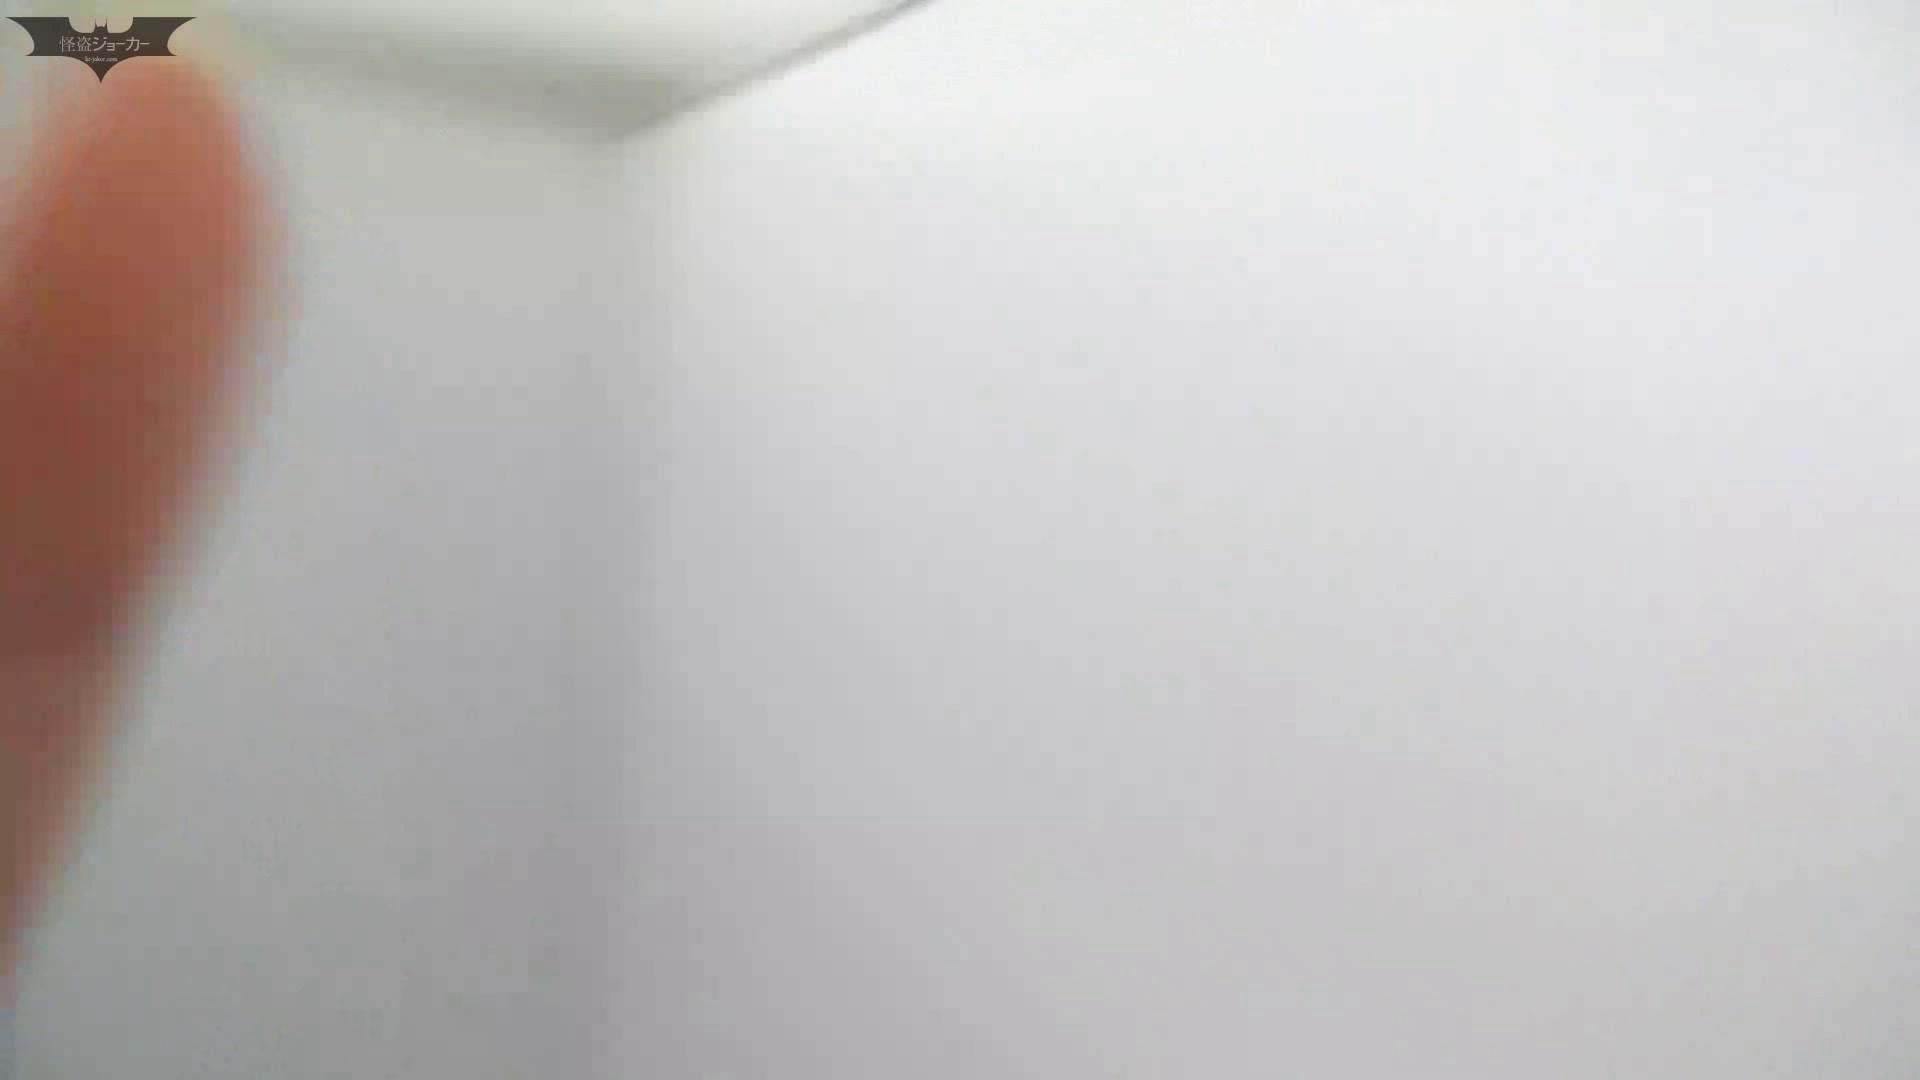 なんだこれ!! Vol.08 遂に美女登場!! OLの実態 盗撮エロ画像 93pic 38